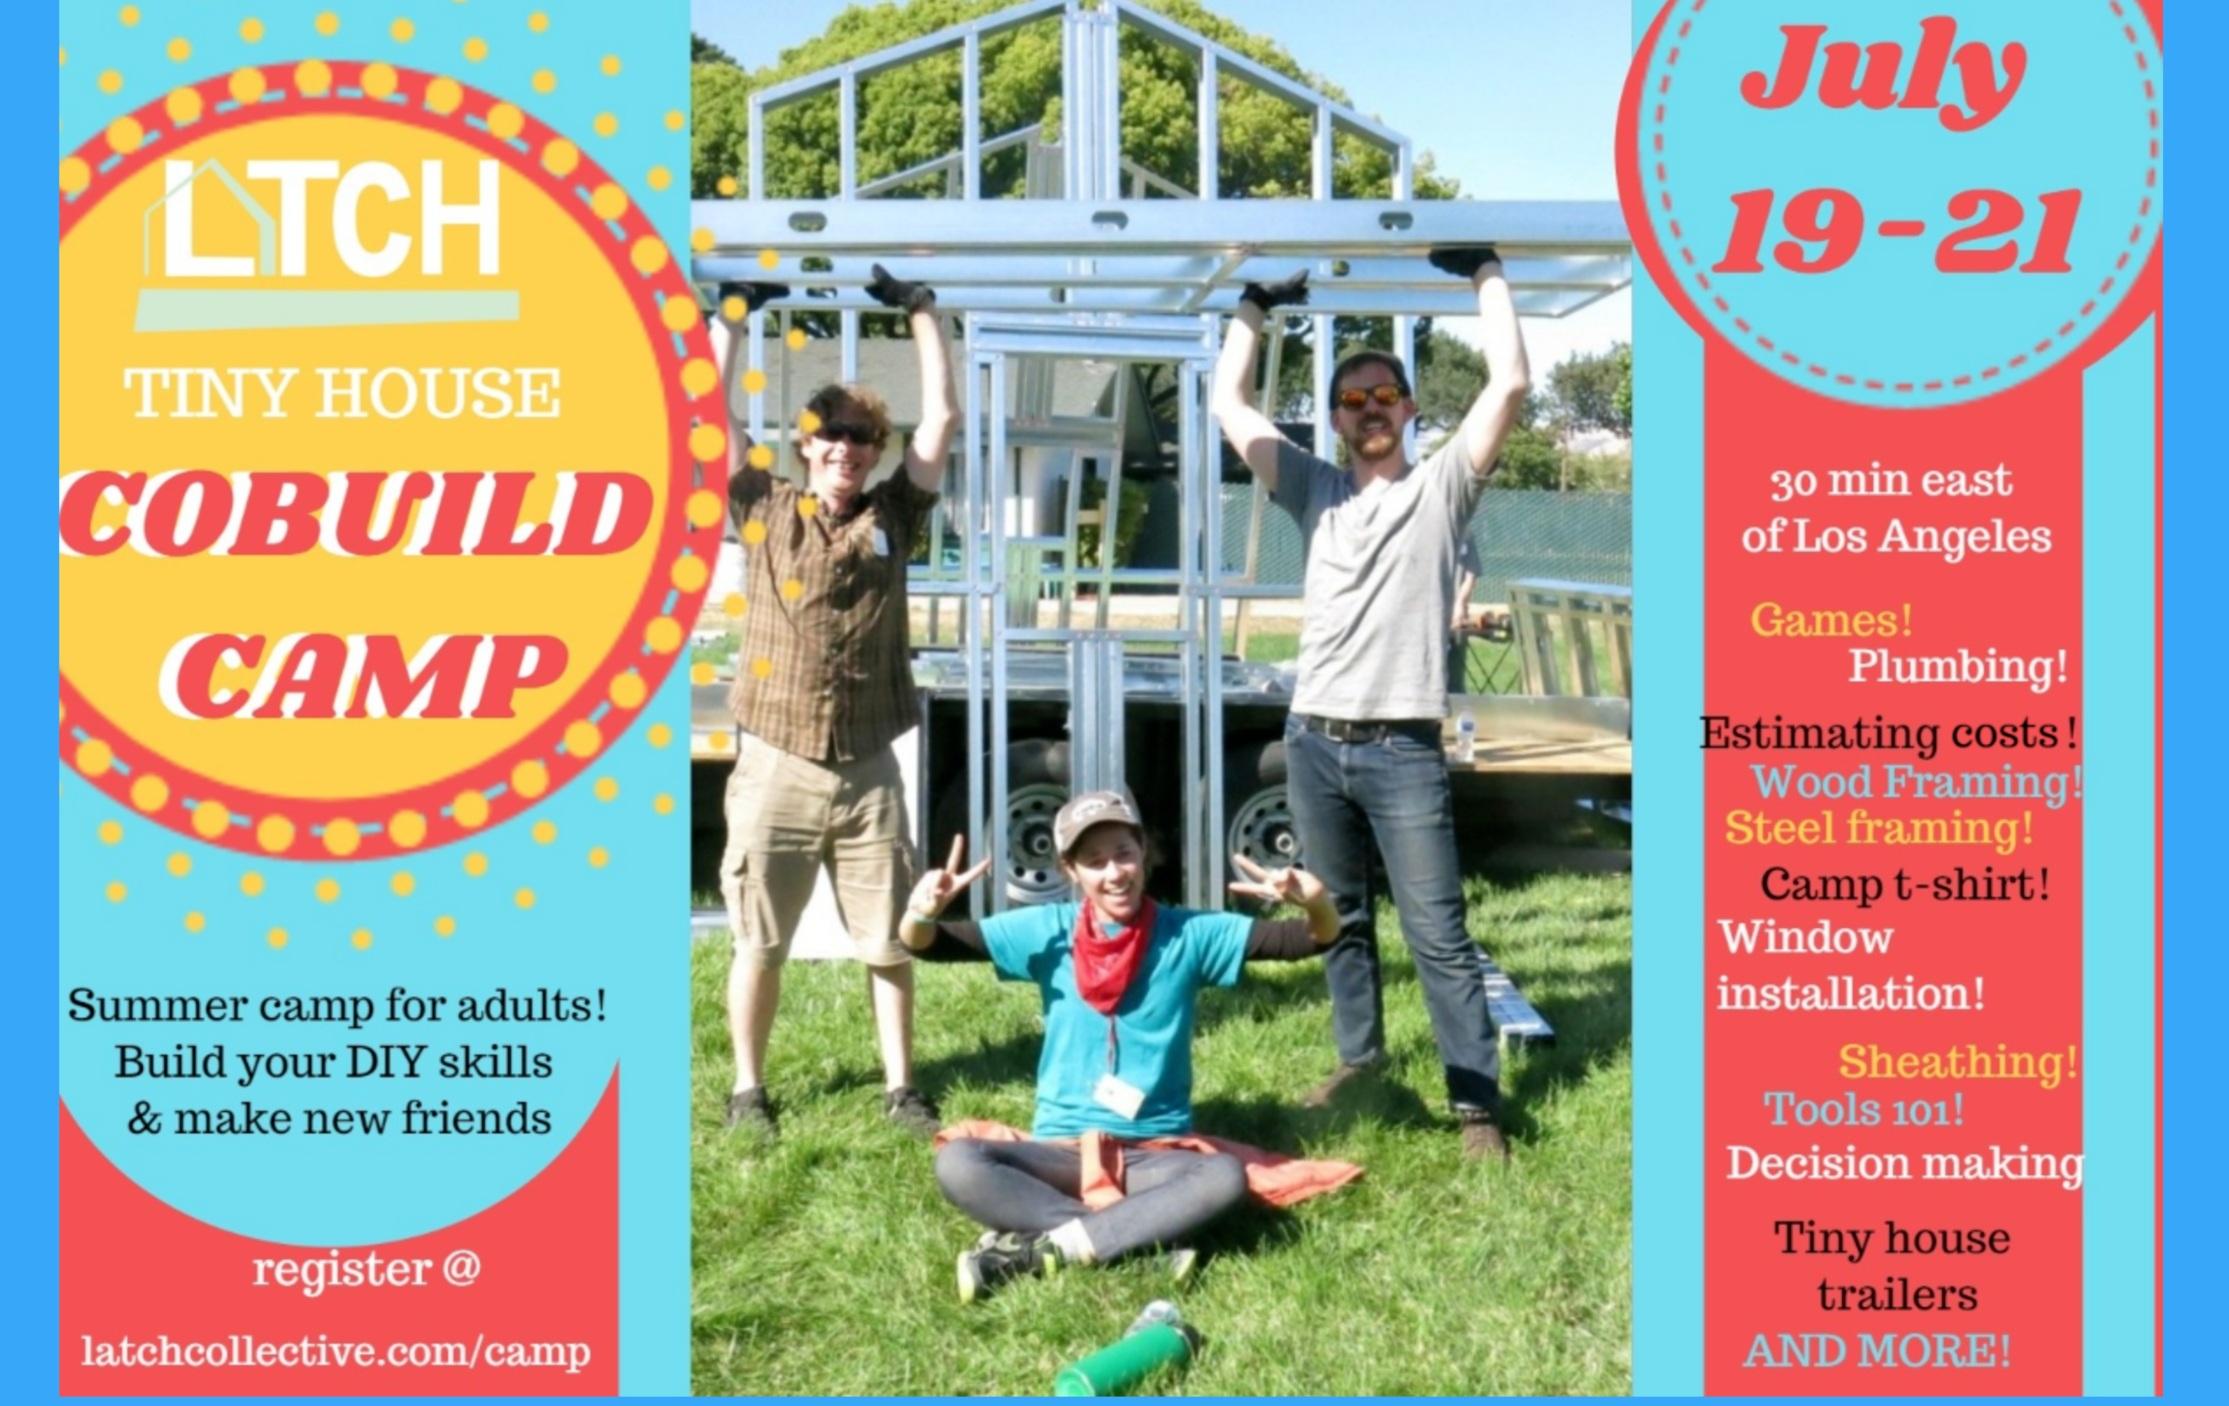 cobuild+camp+7.jpg